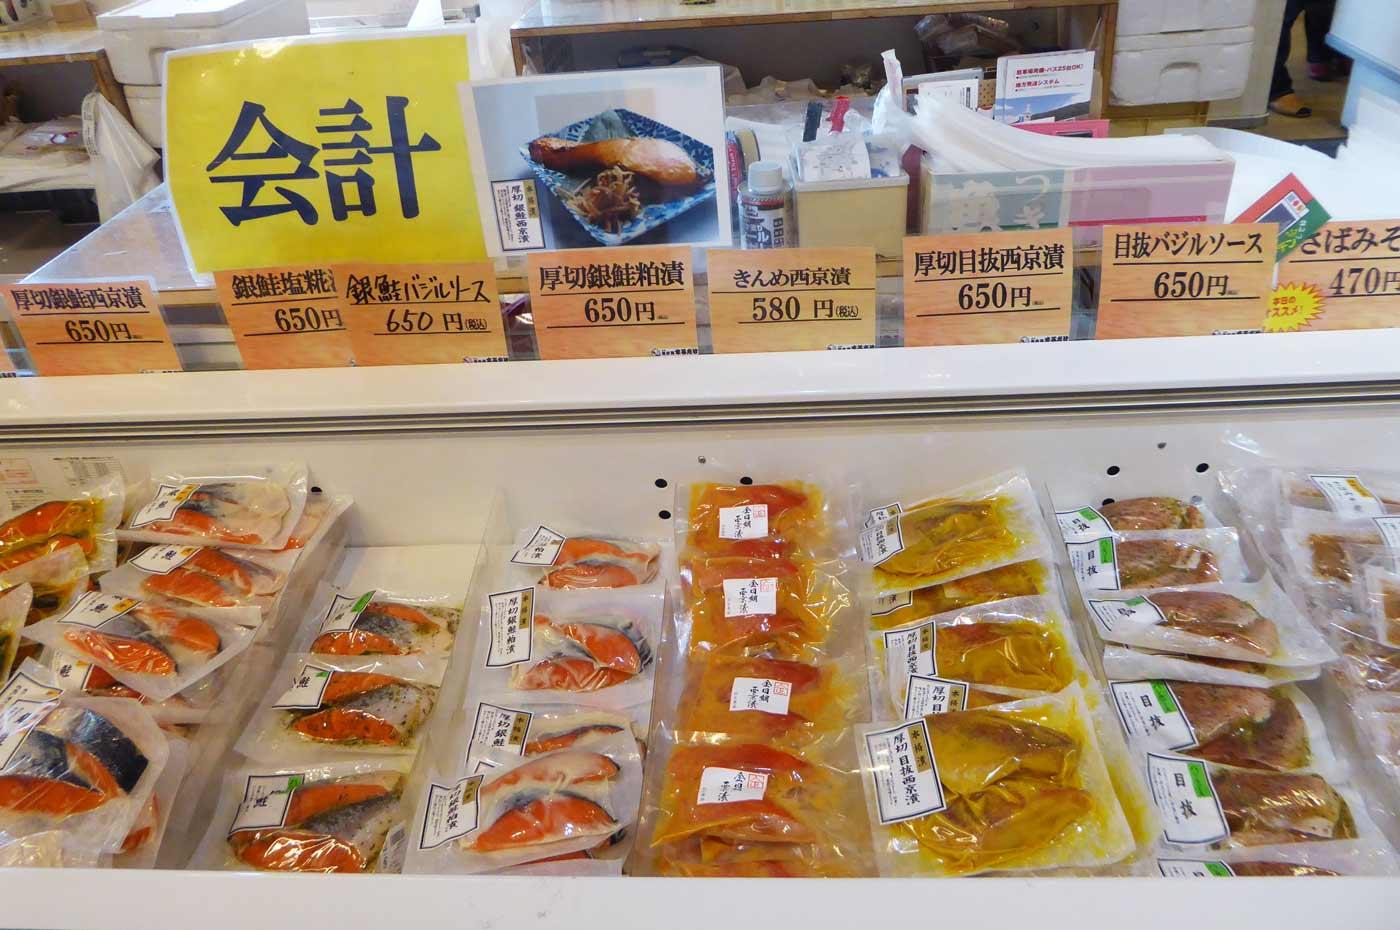 キンメ西京漬け・銀鮭粕漬け